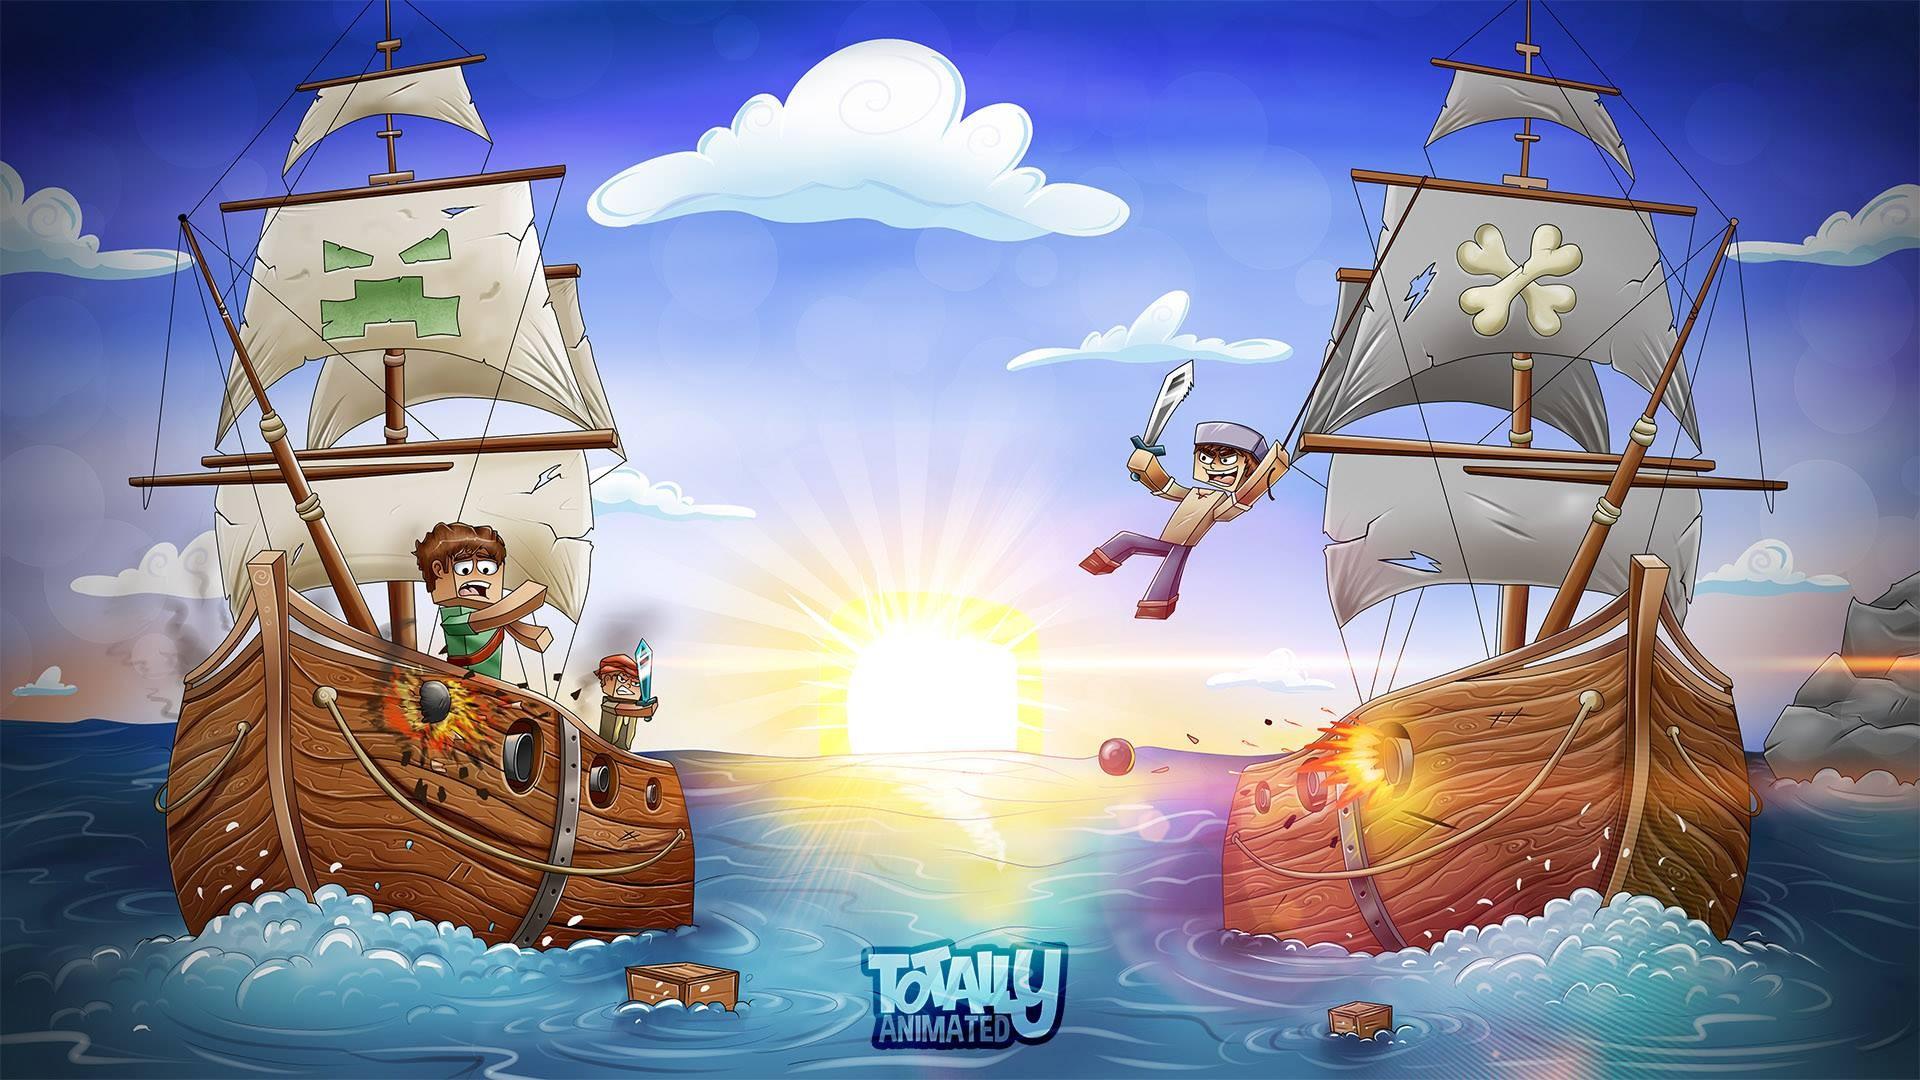 Картинки пиратской тематики для детей, днем матери маме